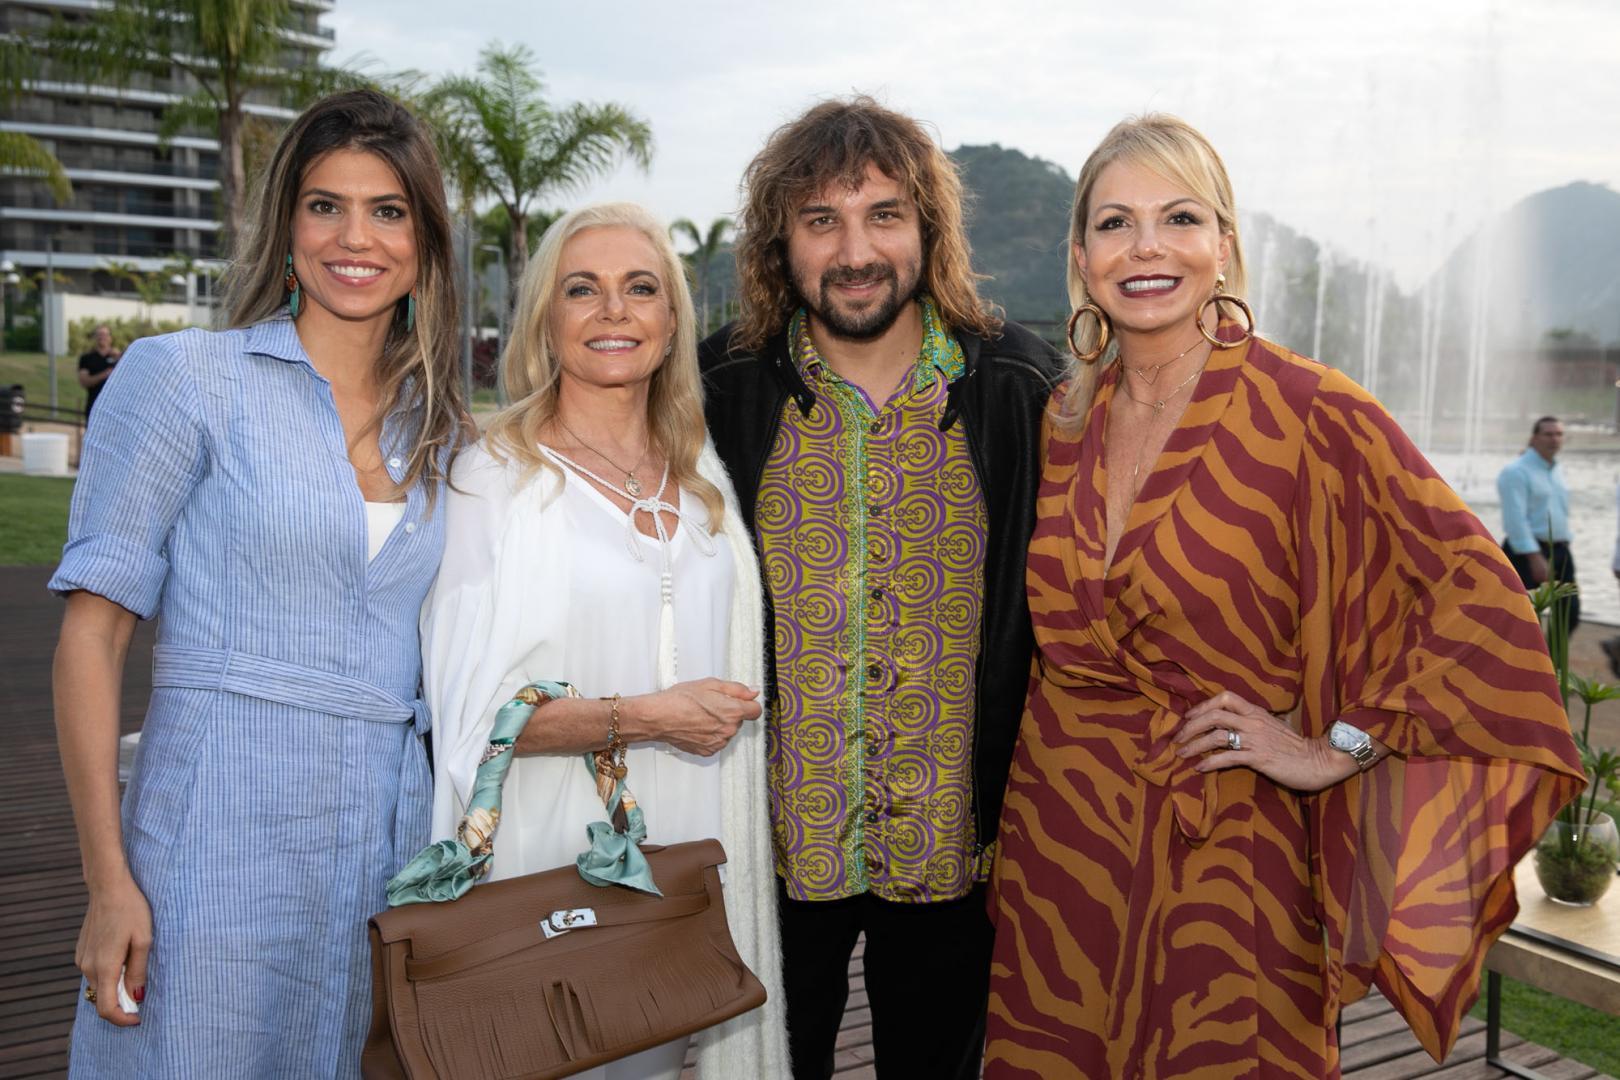 Happy hour de celebração do Ilha Pura, um empreendimento da Carvalho Hosken